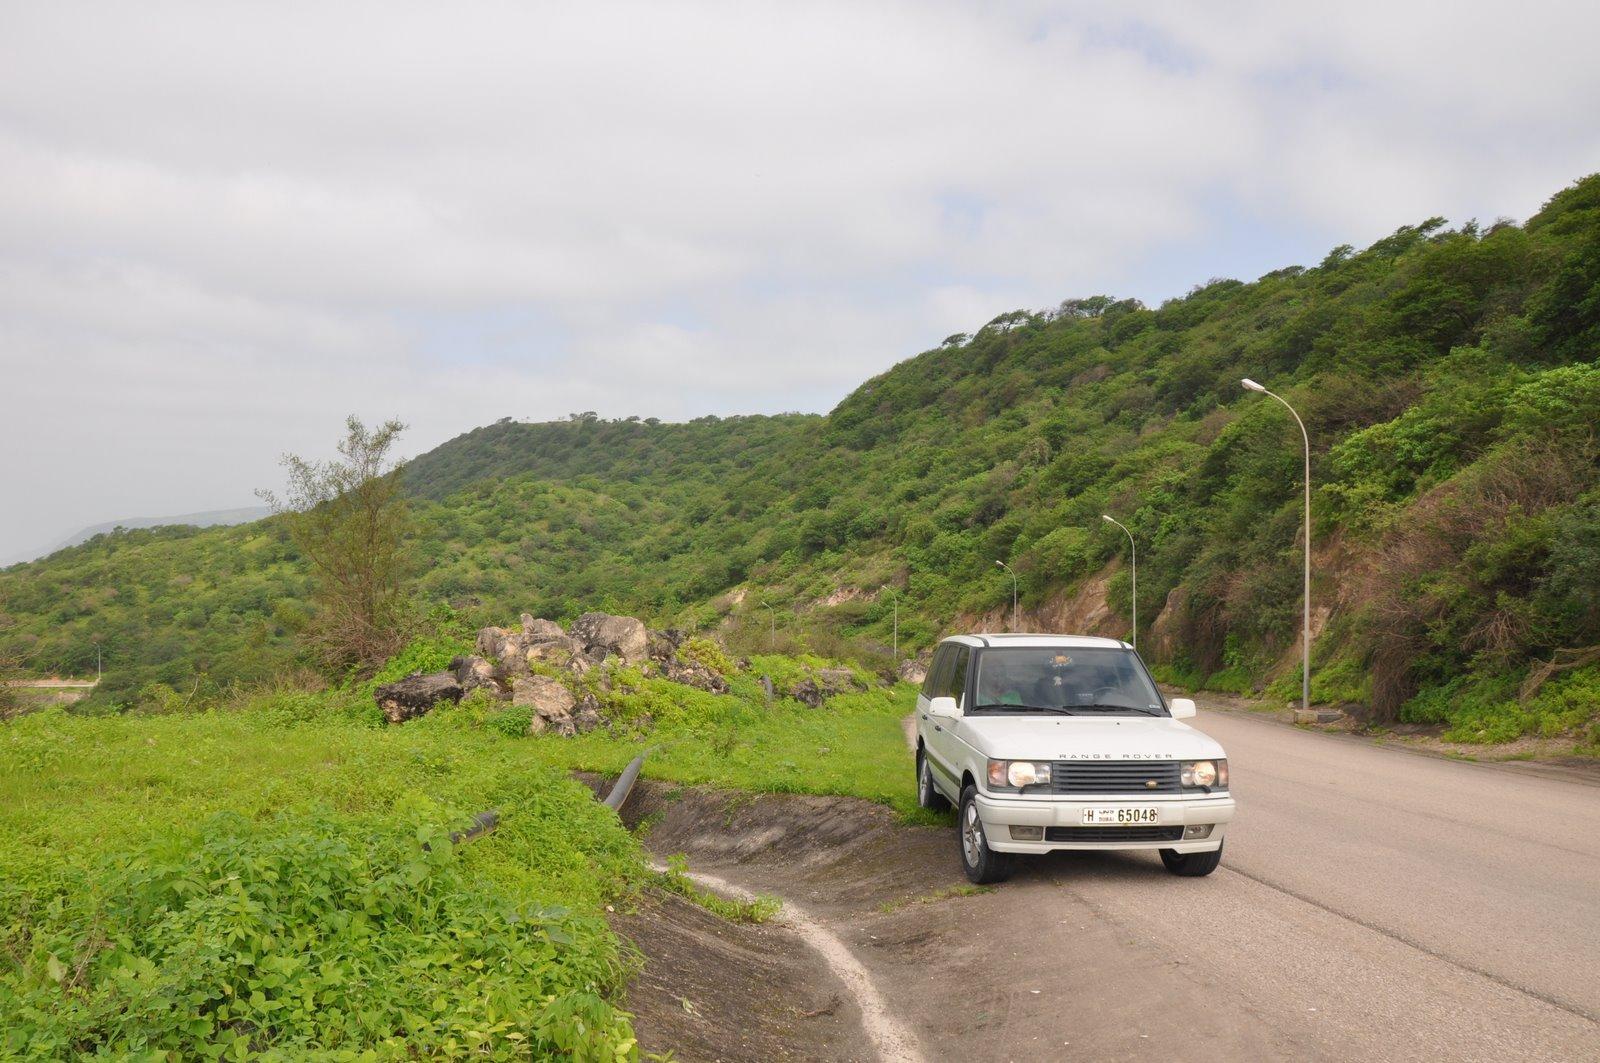 Salalah Road Trip - 30 Aug - 3 Sep 2017 - Meet up and Drives